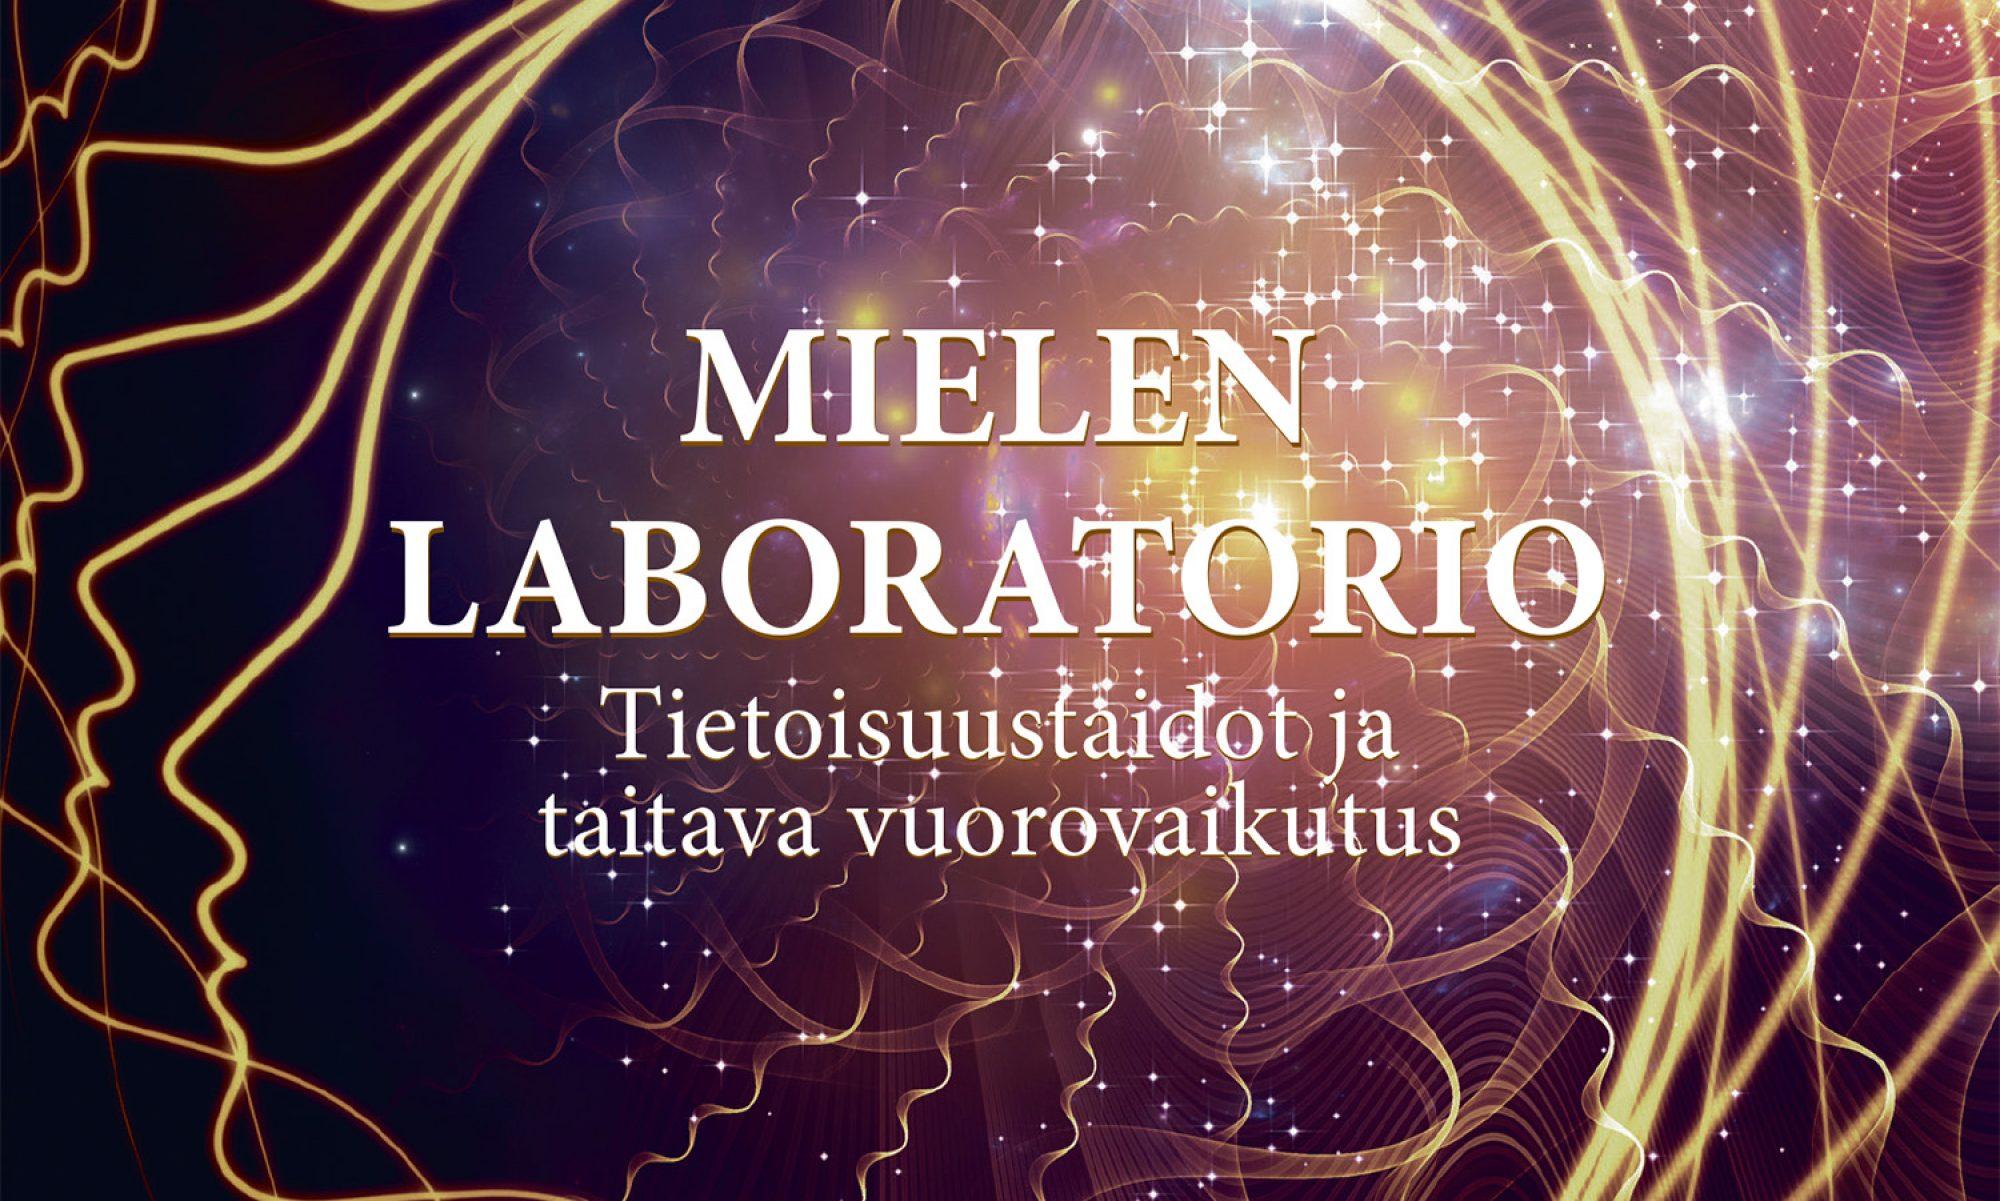 Mielen laboratorio